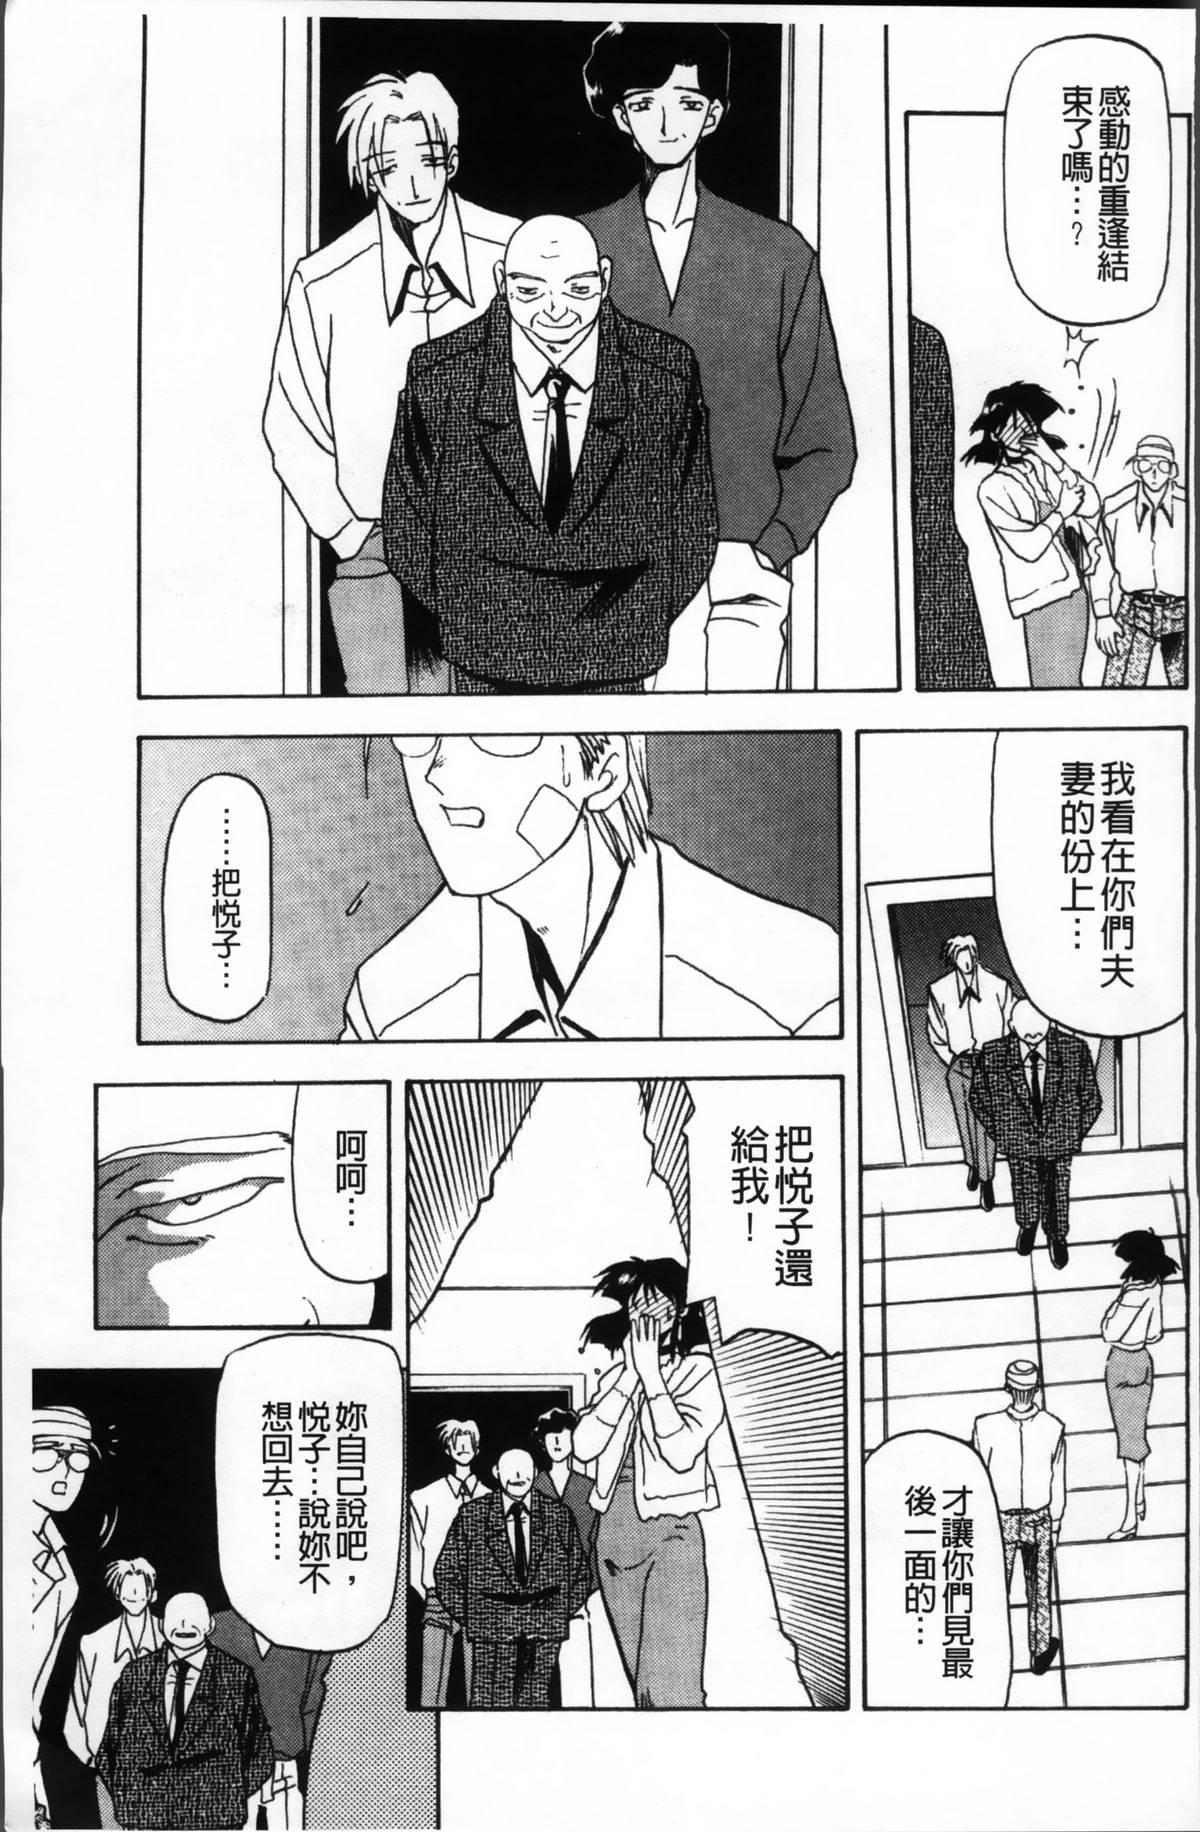 Hiiro no Koku Kanzenban   緋色之刻 完全版 270